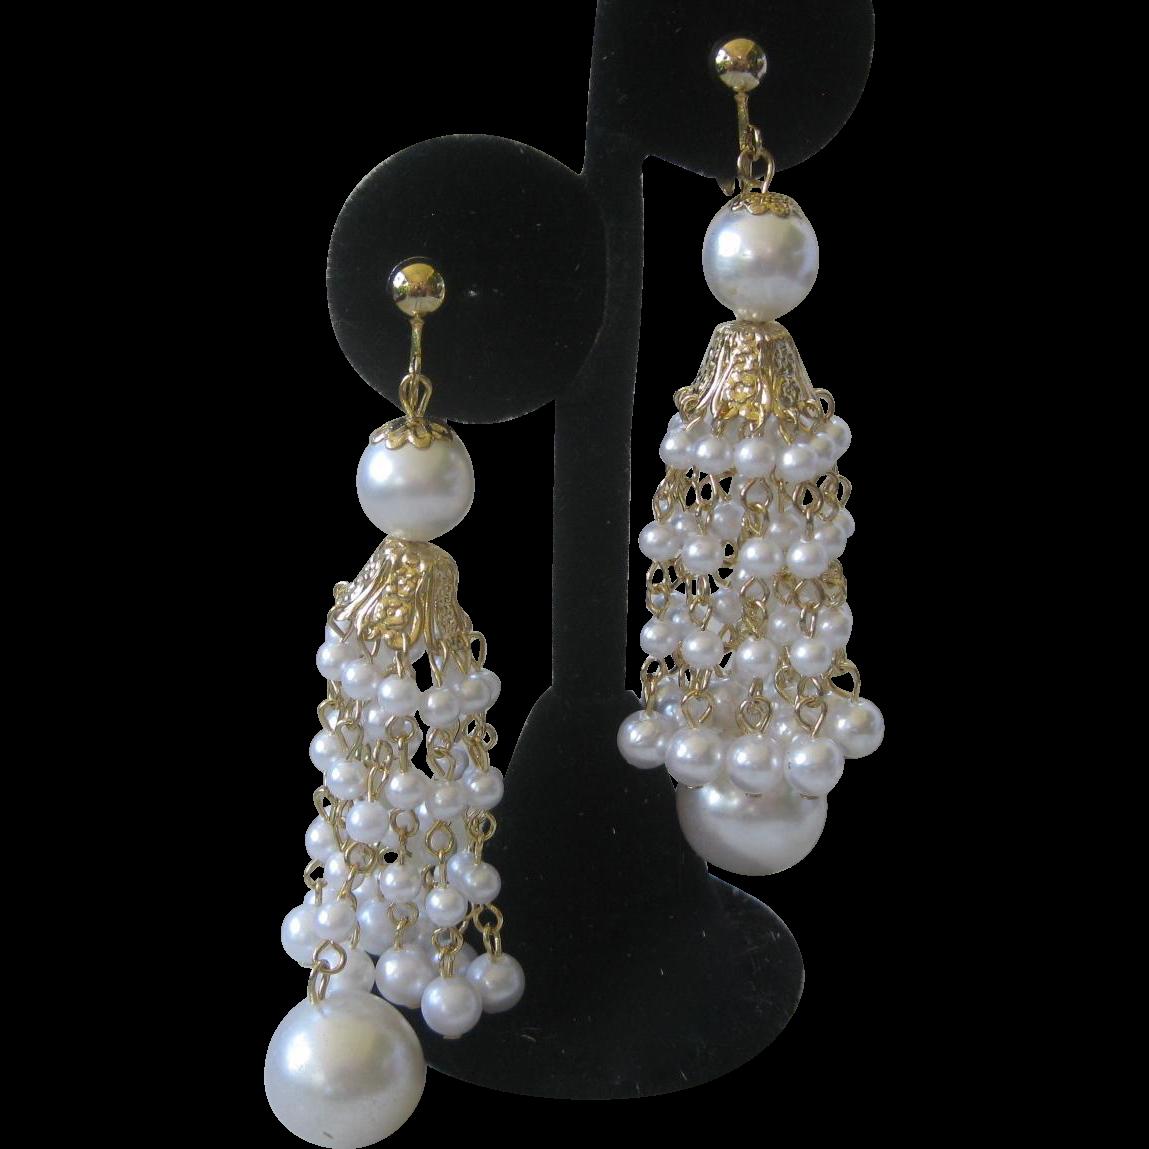 HOBE Large Dangling Pearls Vintage Earrings